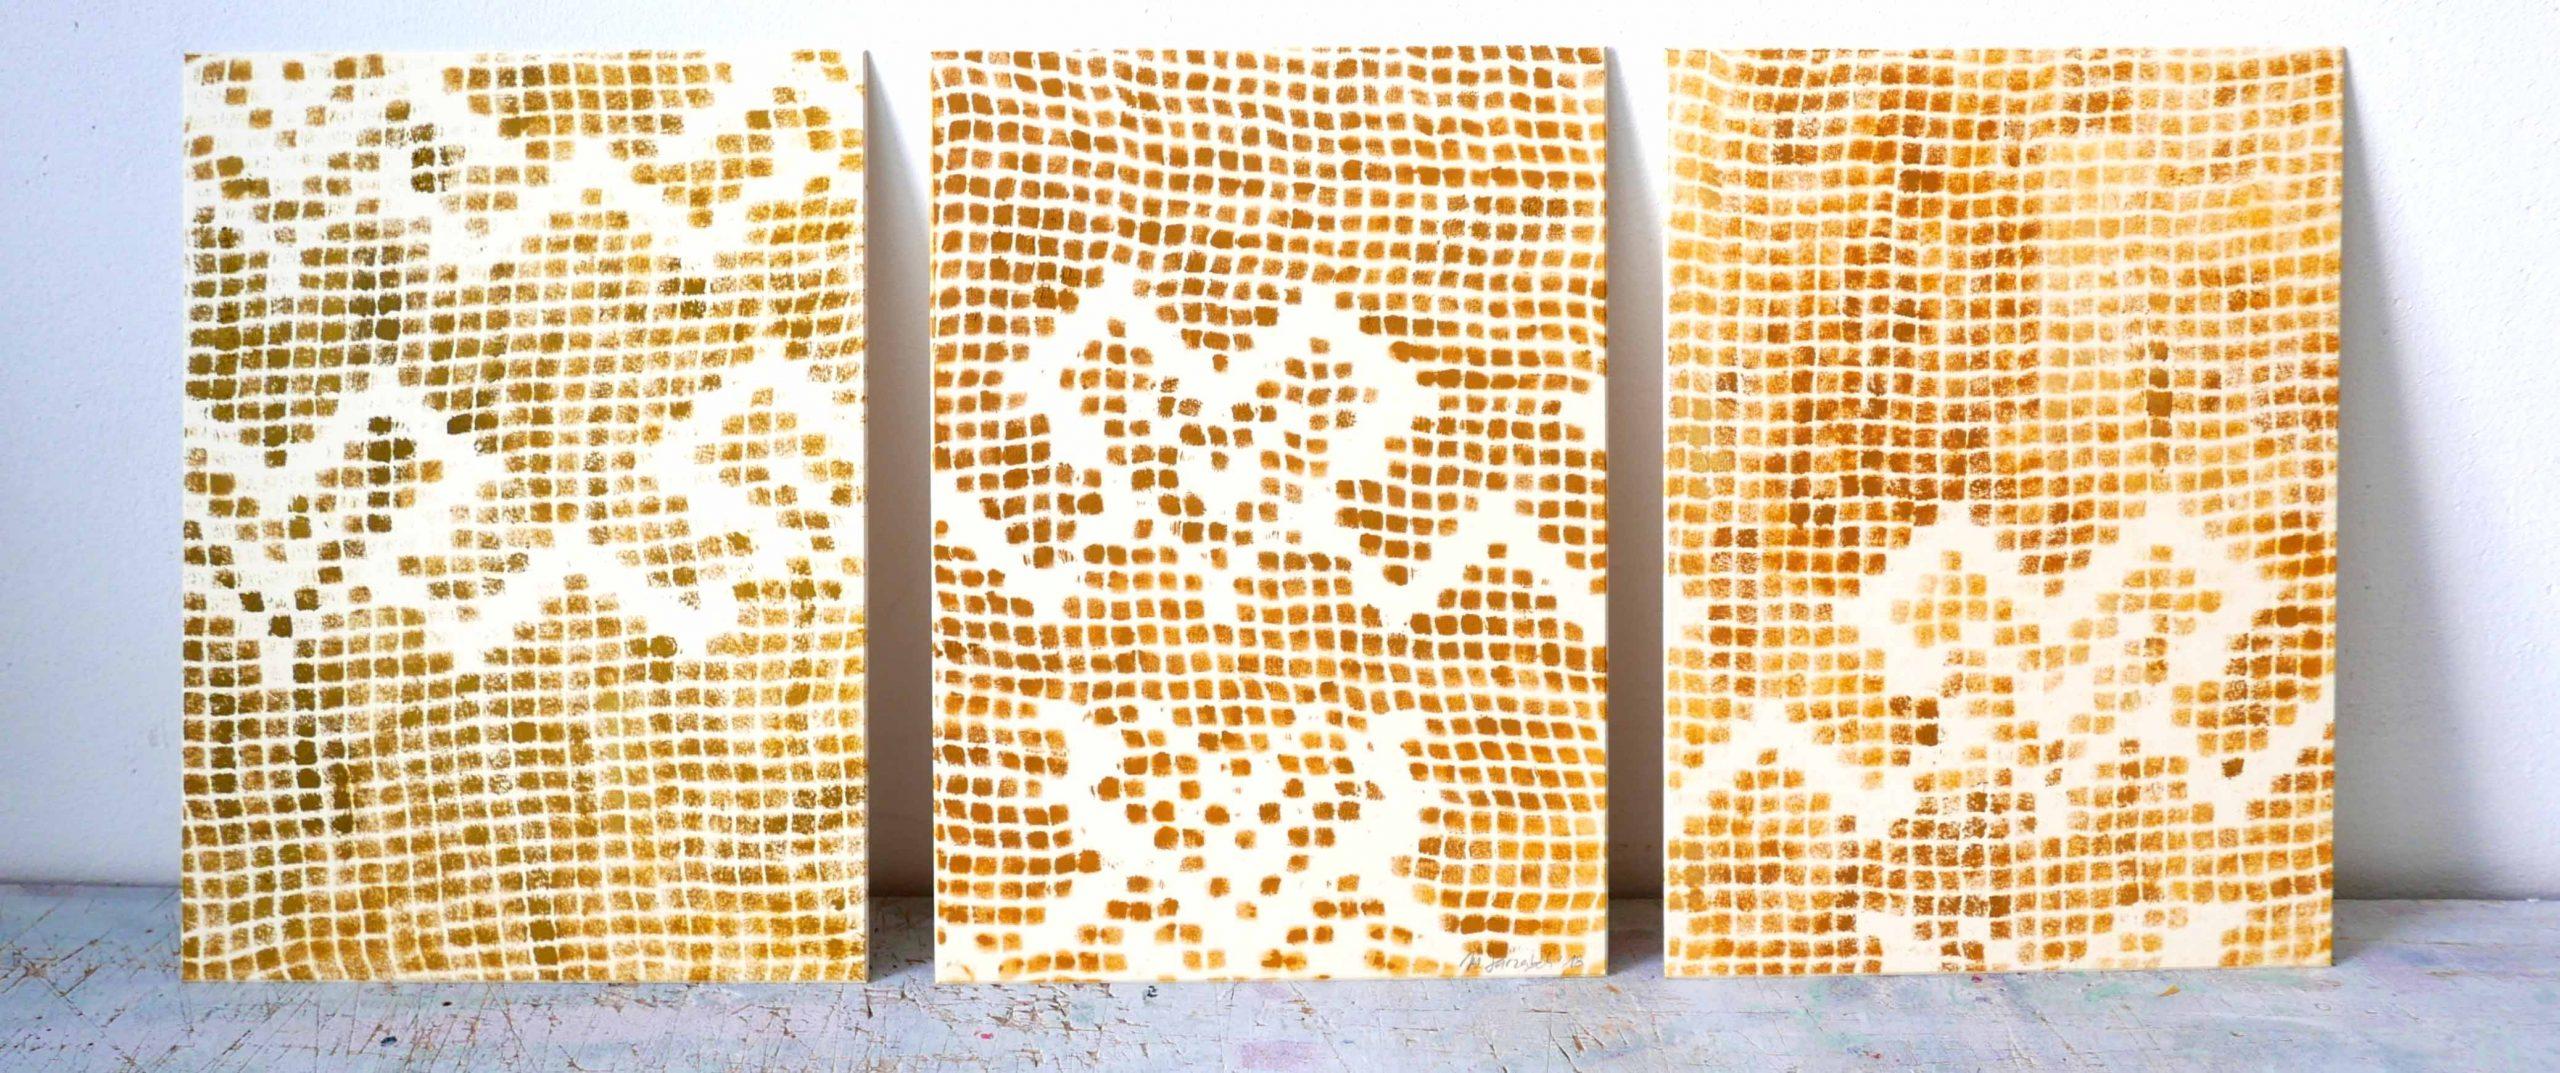 ölbilder abbildung der gardinenmuster textilgedanken